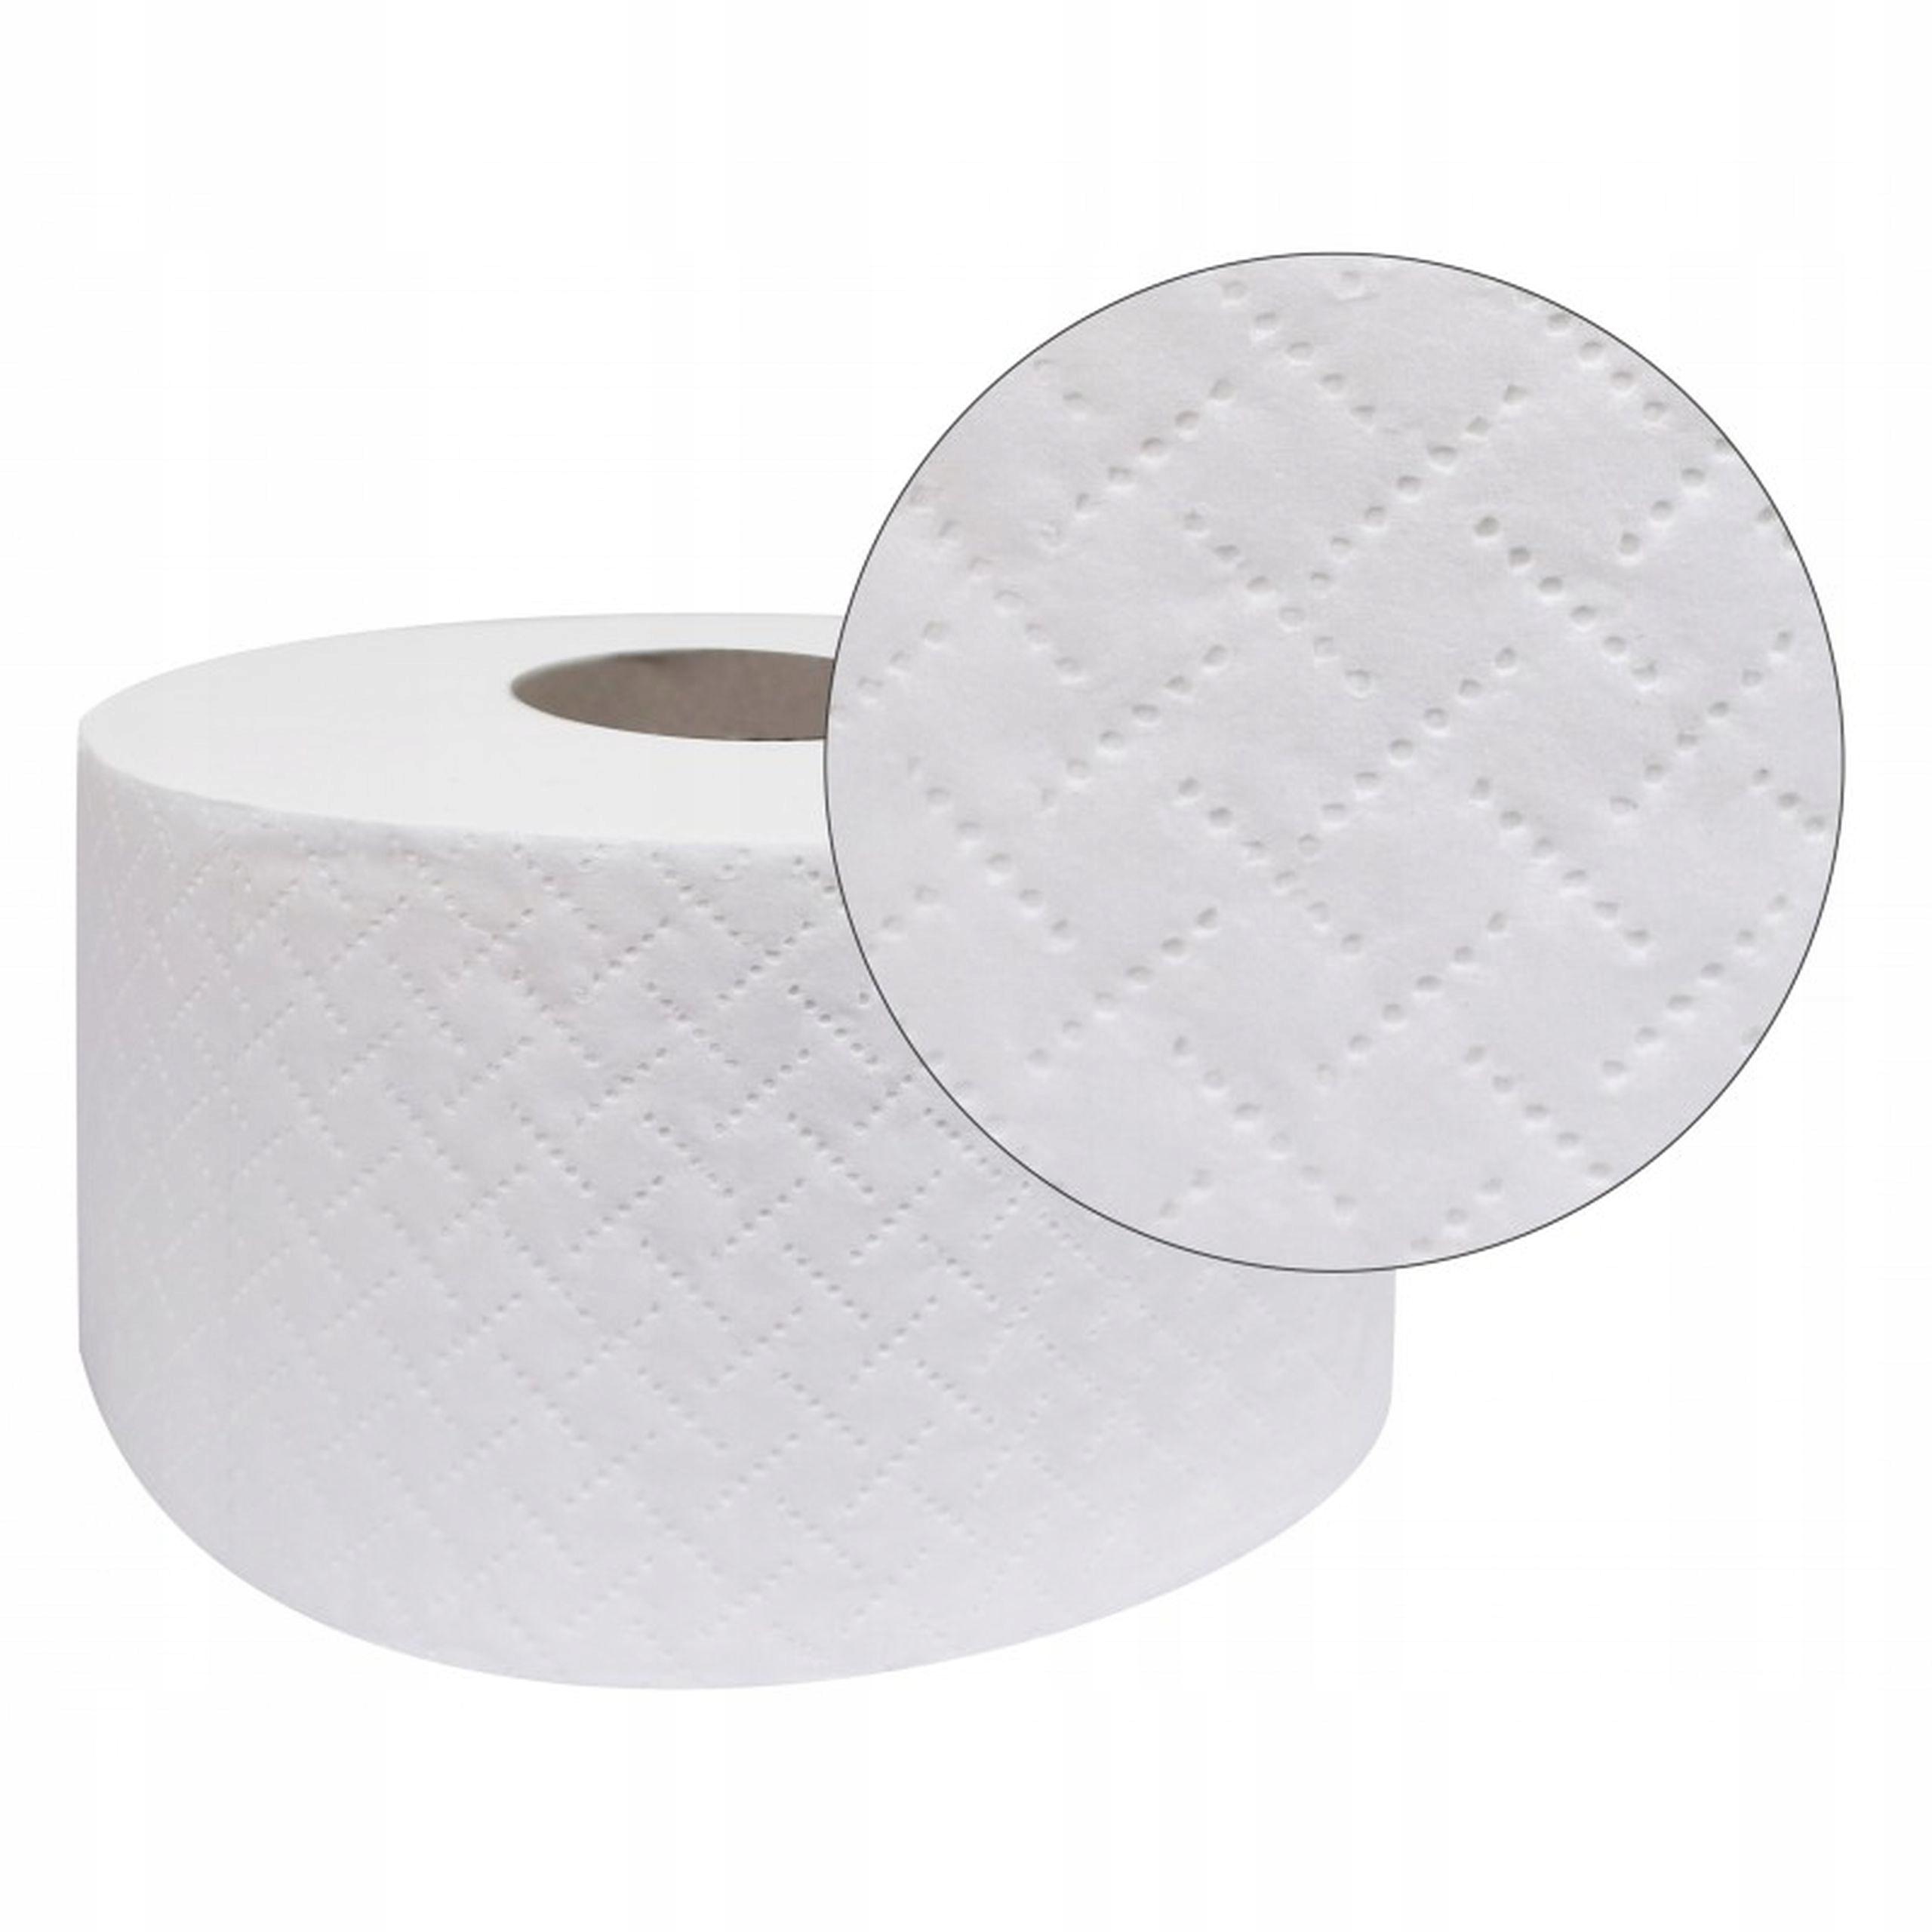 VELVET туалетная Бумага JUMBO 100% Целлюлоза 140 м